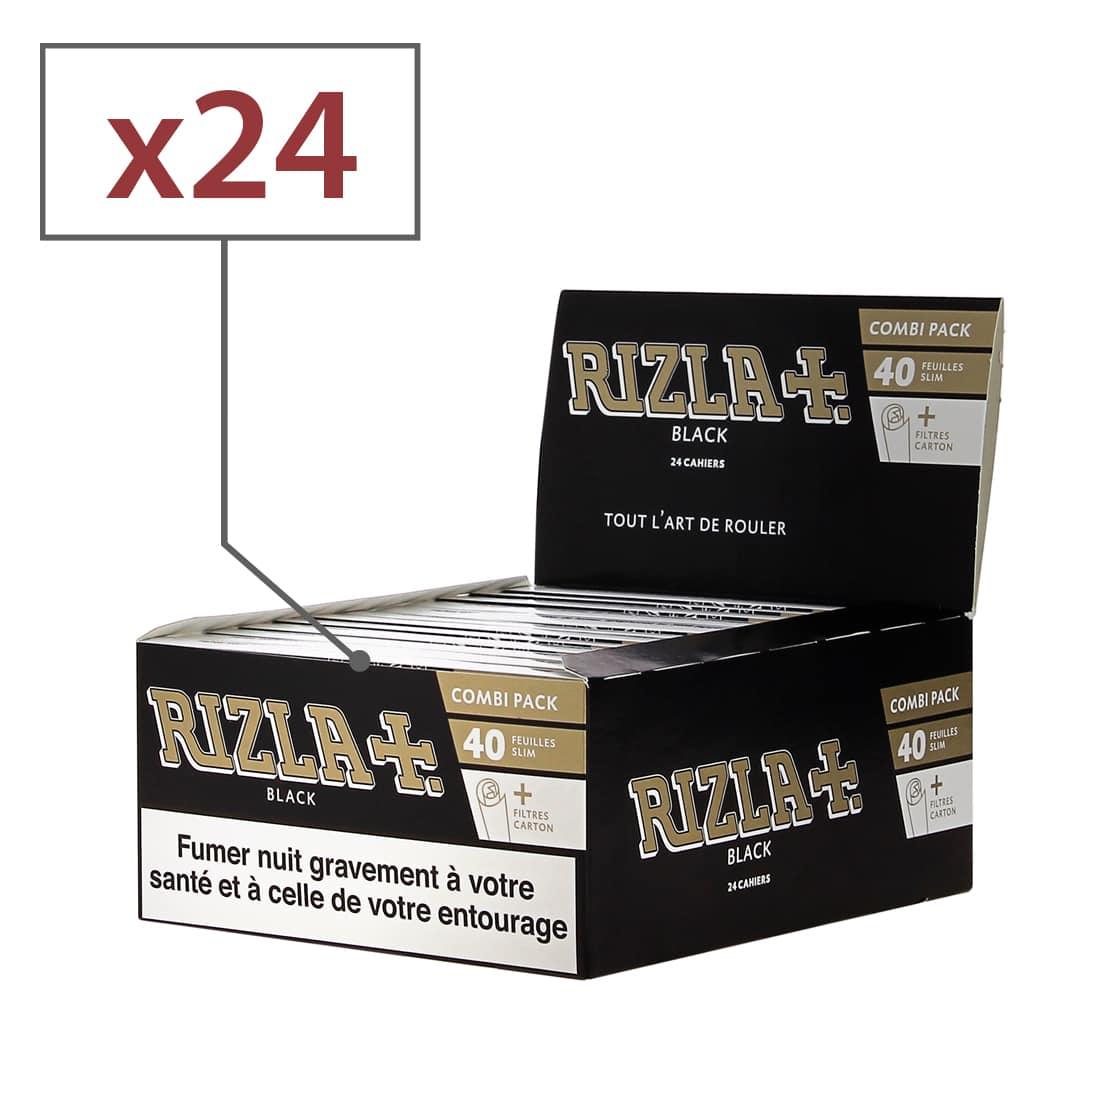 Photo de Papier à rouler Rizla + Black Slim et Tips x24